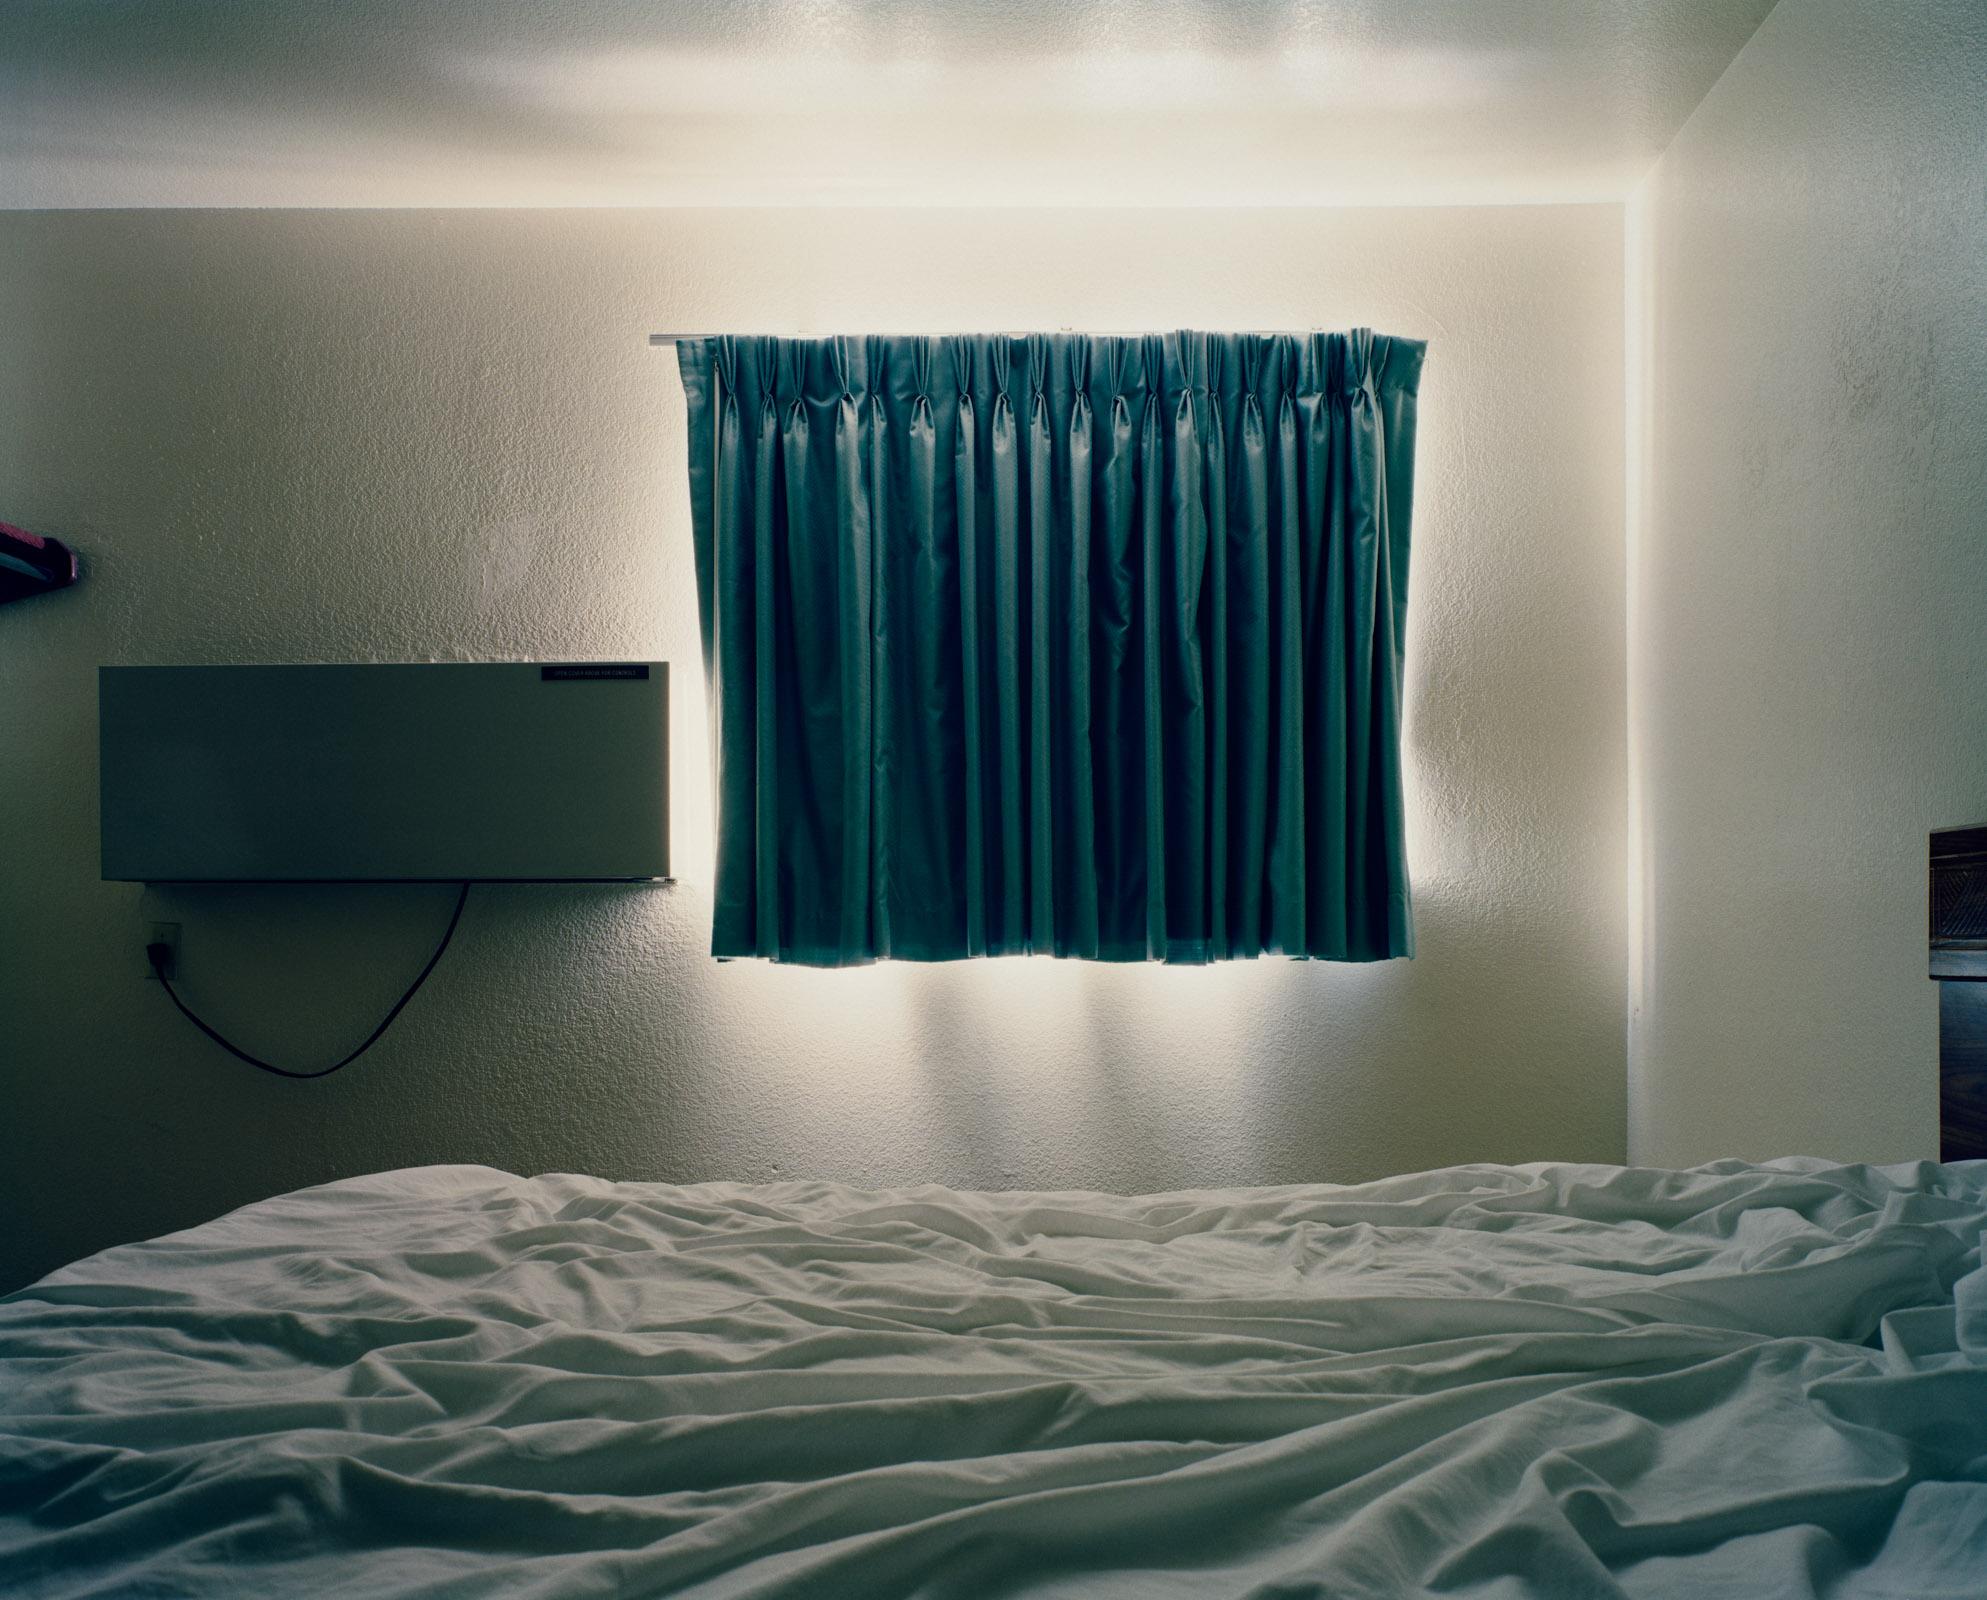 013-Motel window 2.jpg